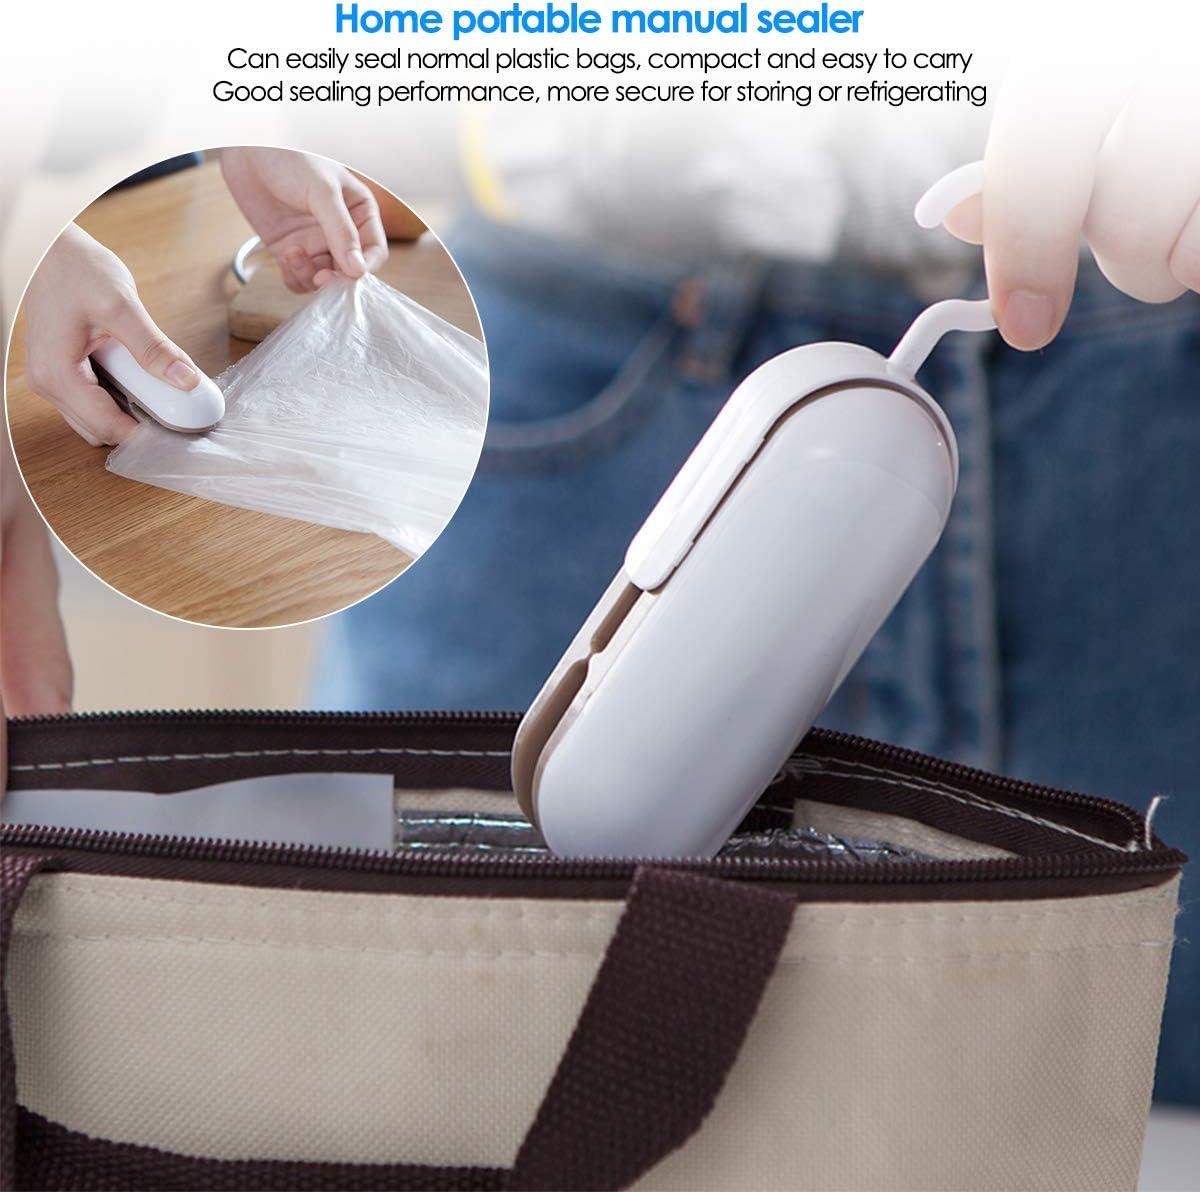 Ruiqas Mini Sac Scellant 2 en 1 Coupe-Sac Portable C pour Le Stockage des Aliments en Plastique